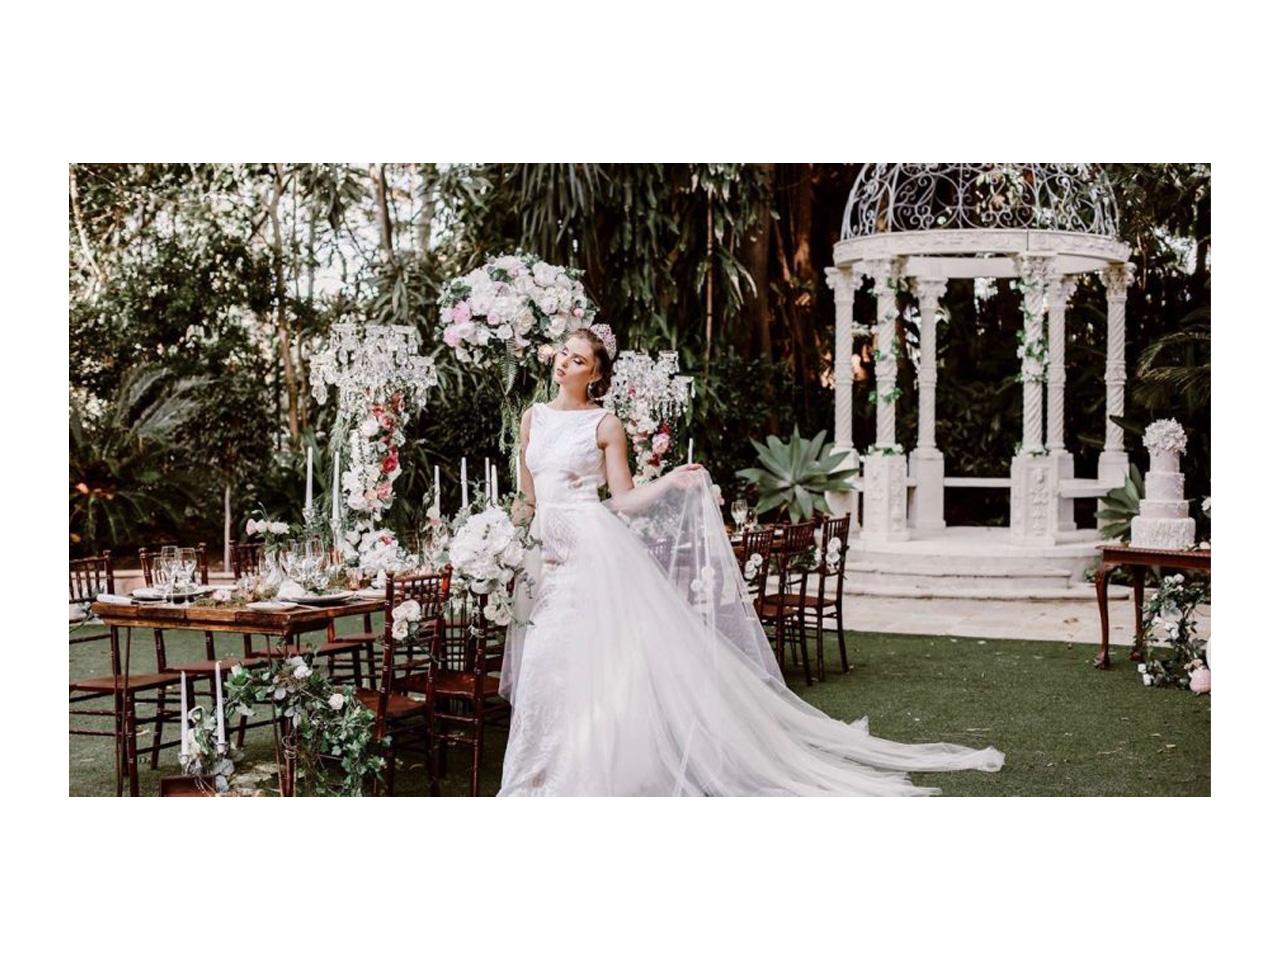 Bride enjoying wedding setting with white gazebo in background